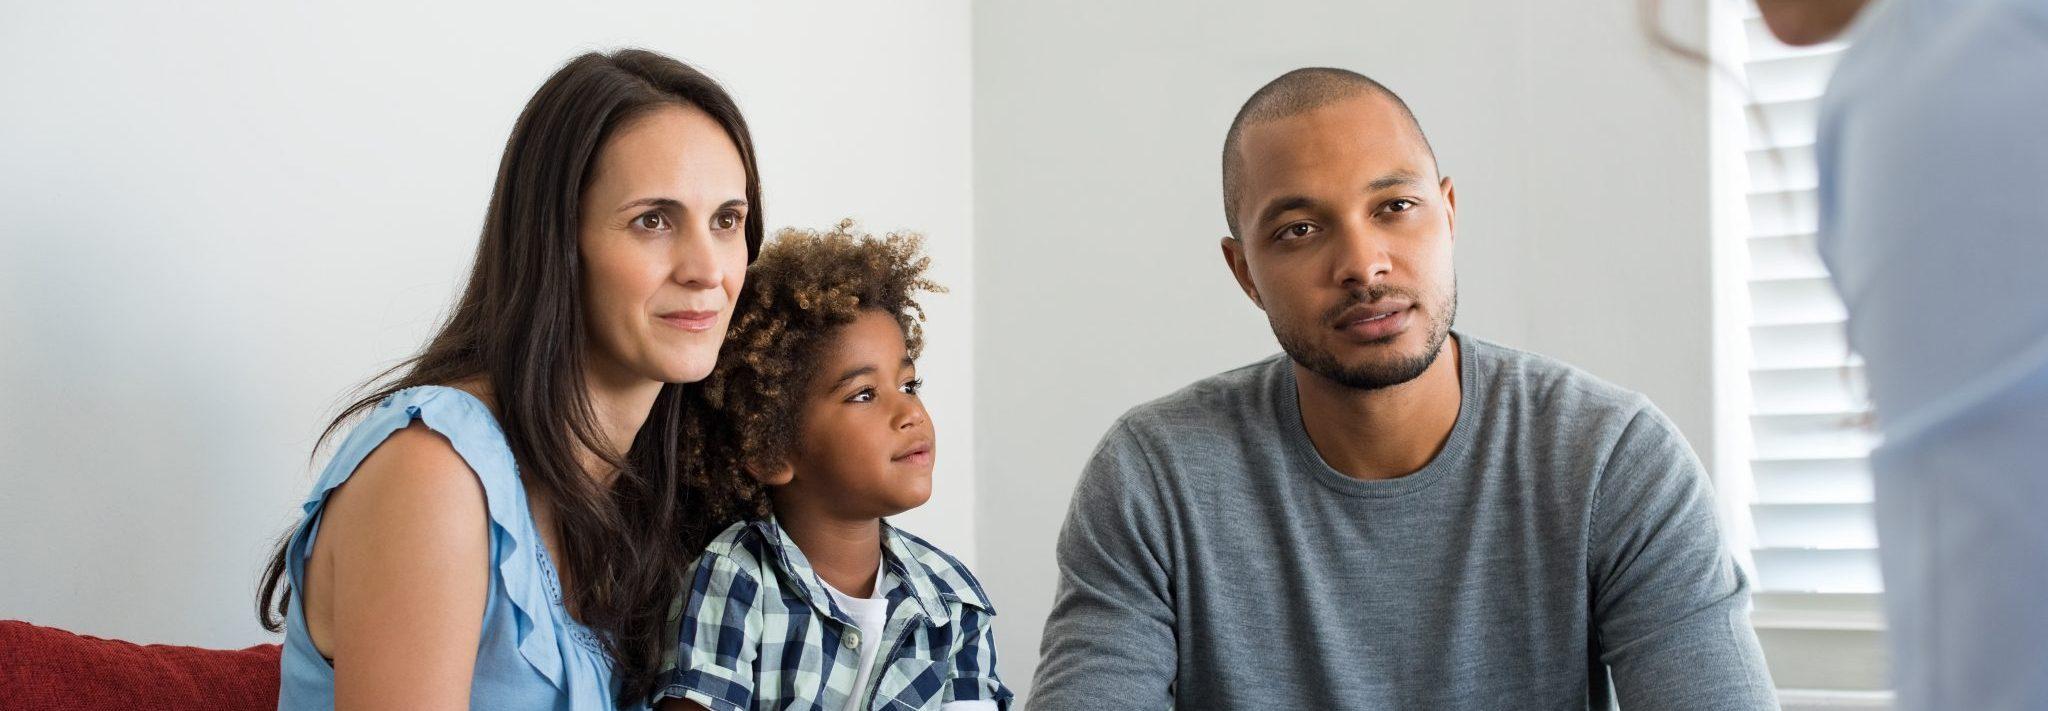 Un couple multiracial composé d'un homme et une femme qui s'entretiennent avec un conseiller pendant qu'un petit garçon est assis sur les genoux de la femme.